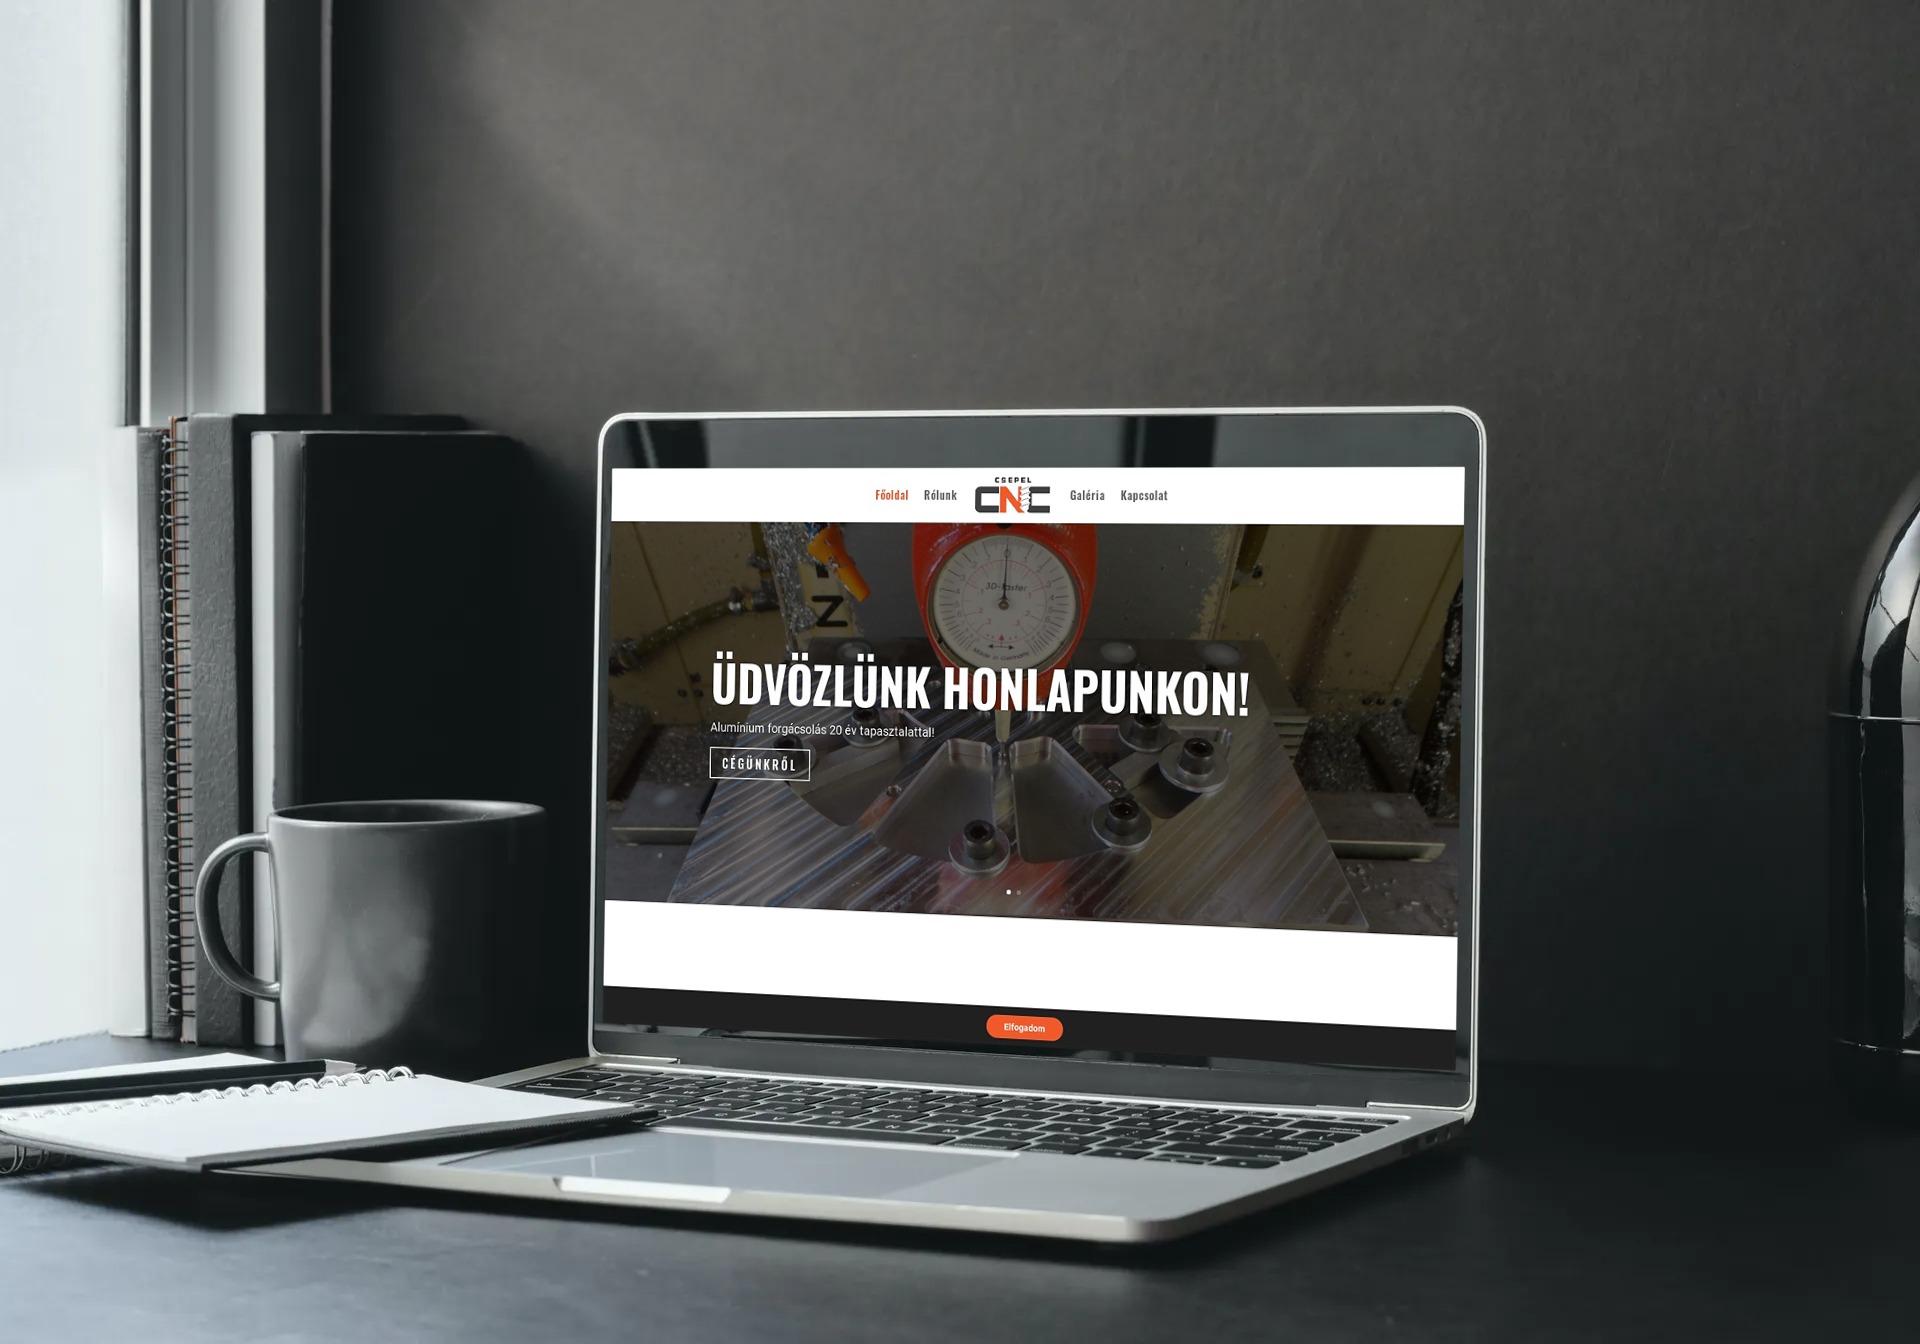 csepelcnc.hu weboldal megjelenése notebookon